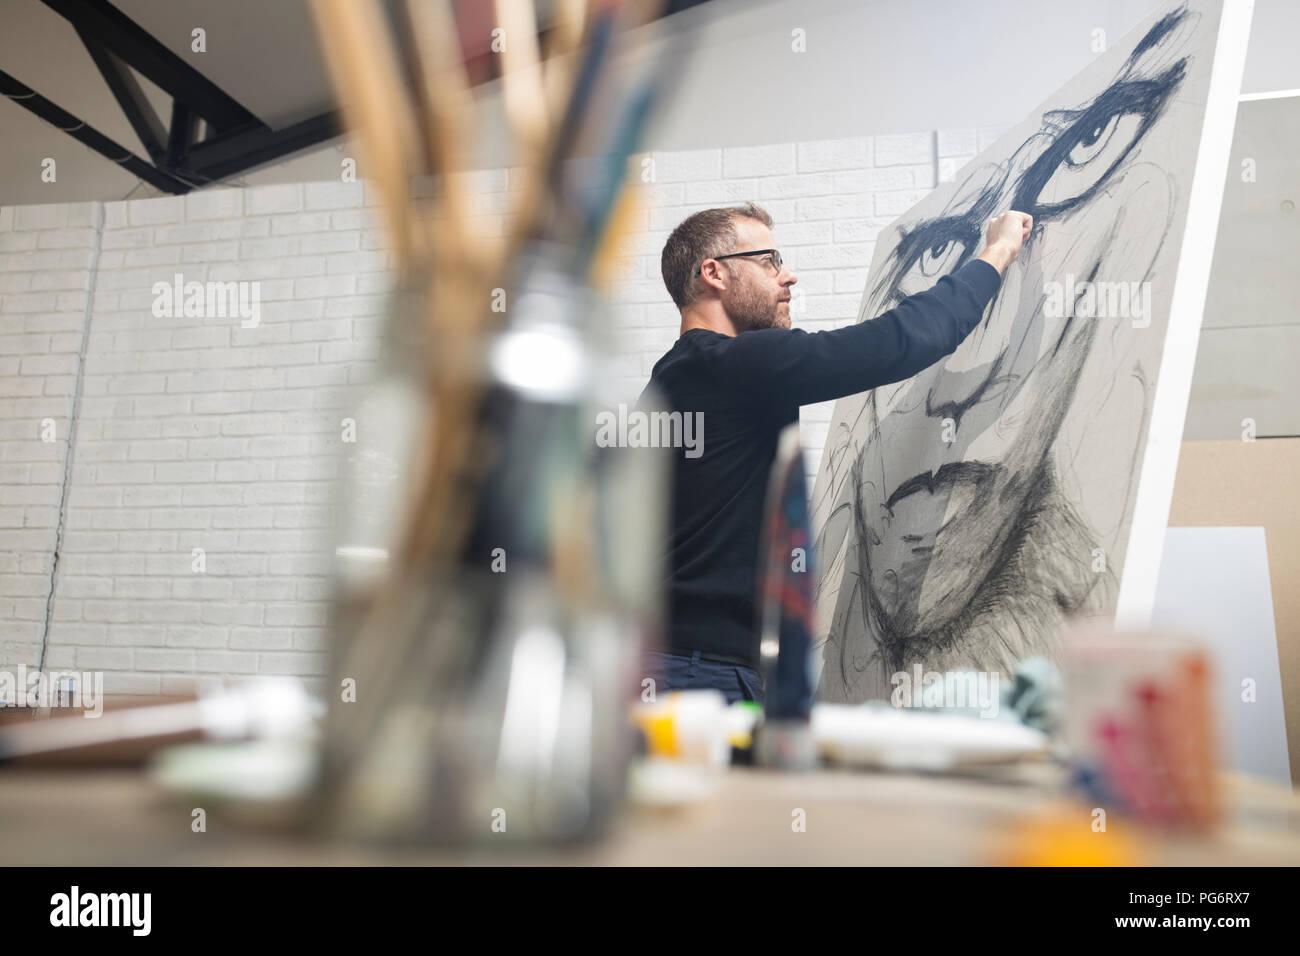 L'uomo controllo disegno in studio Immagini Stock